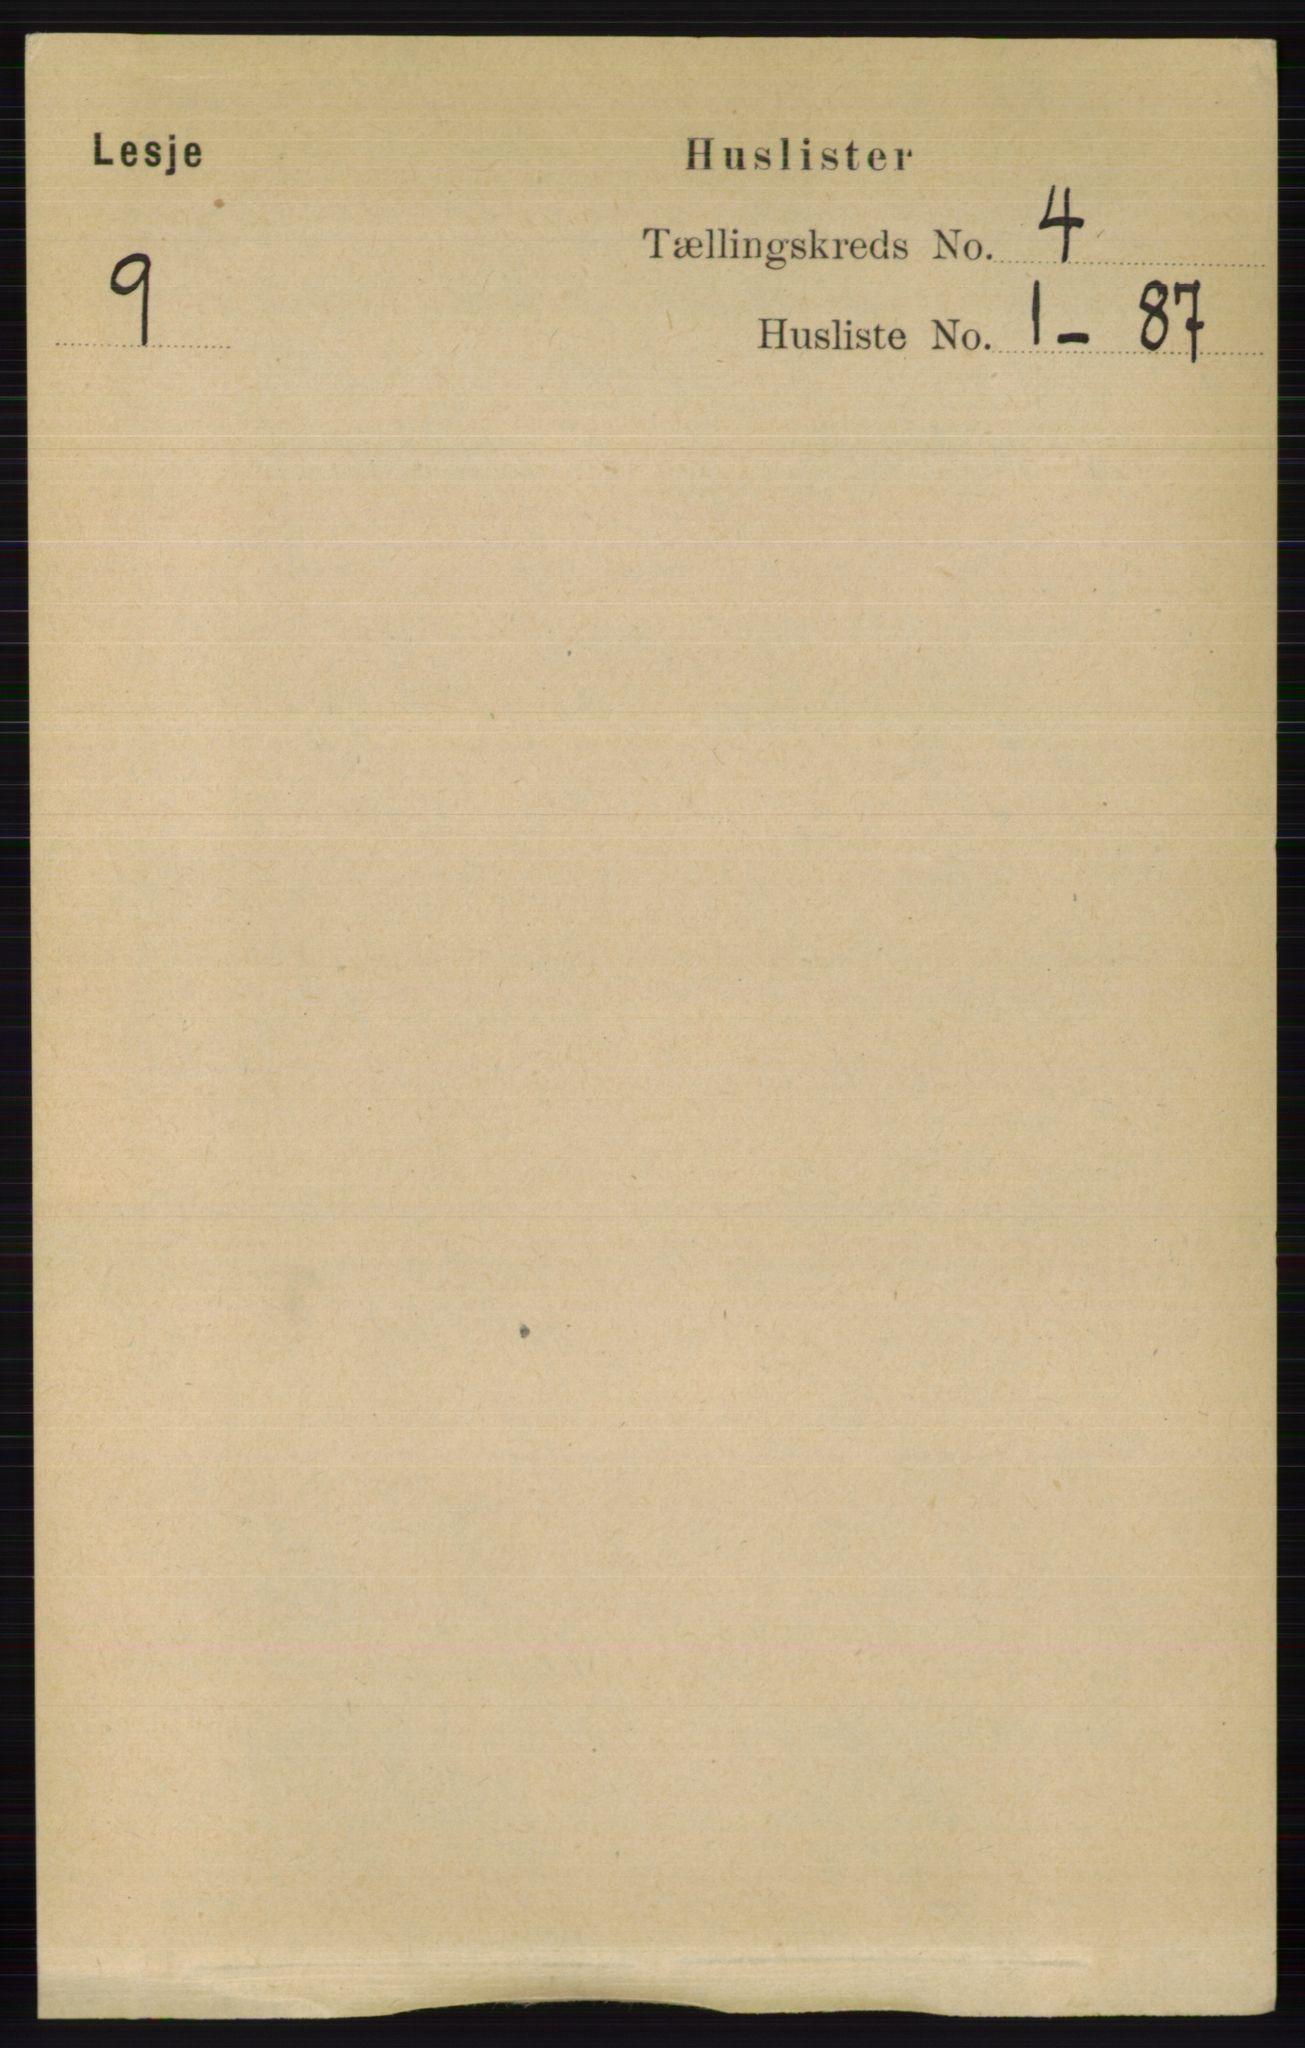 RA, Folketelling 1891 for 0512 Lesja herred, 1891, s. 1003